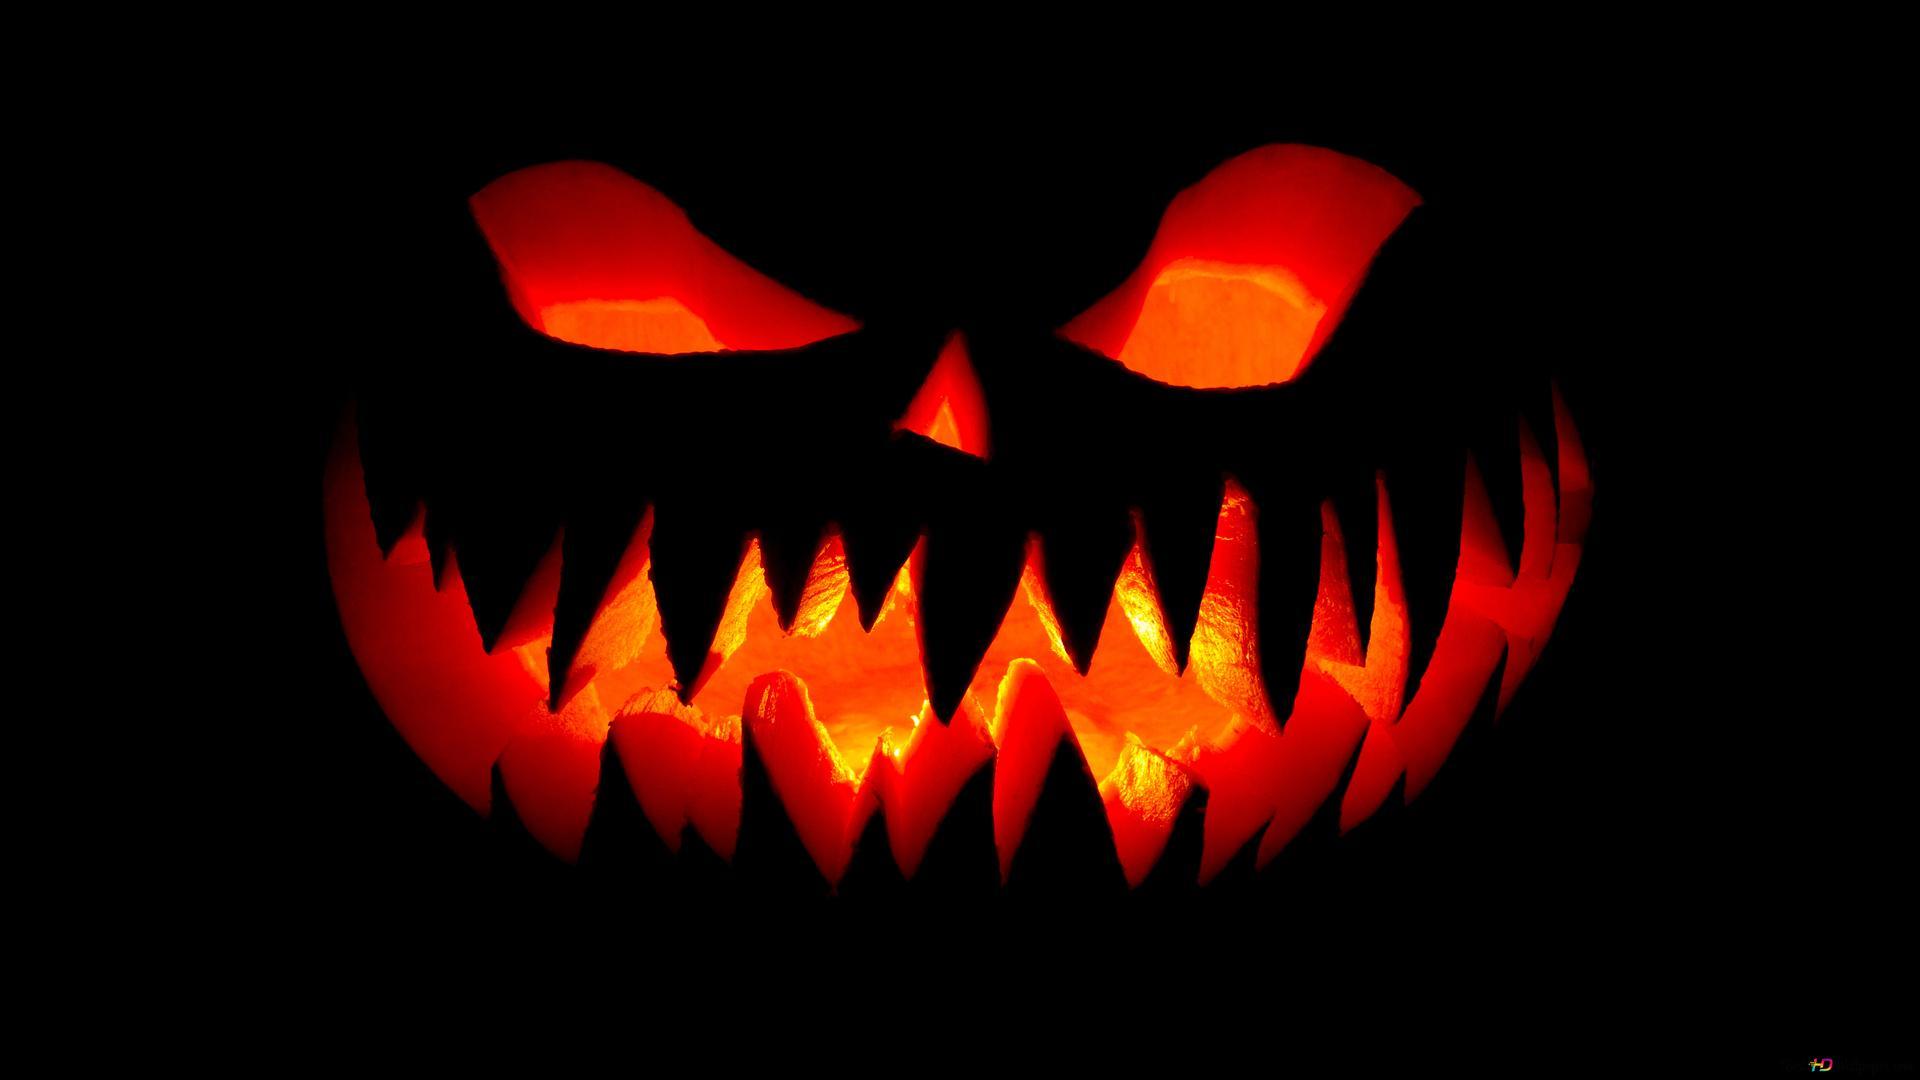 grin halloween wallpaper 1920x1080 28424 48